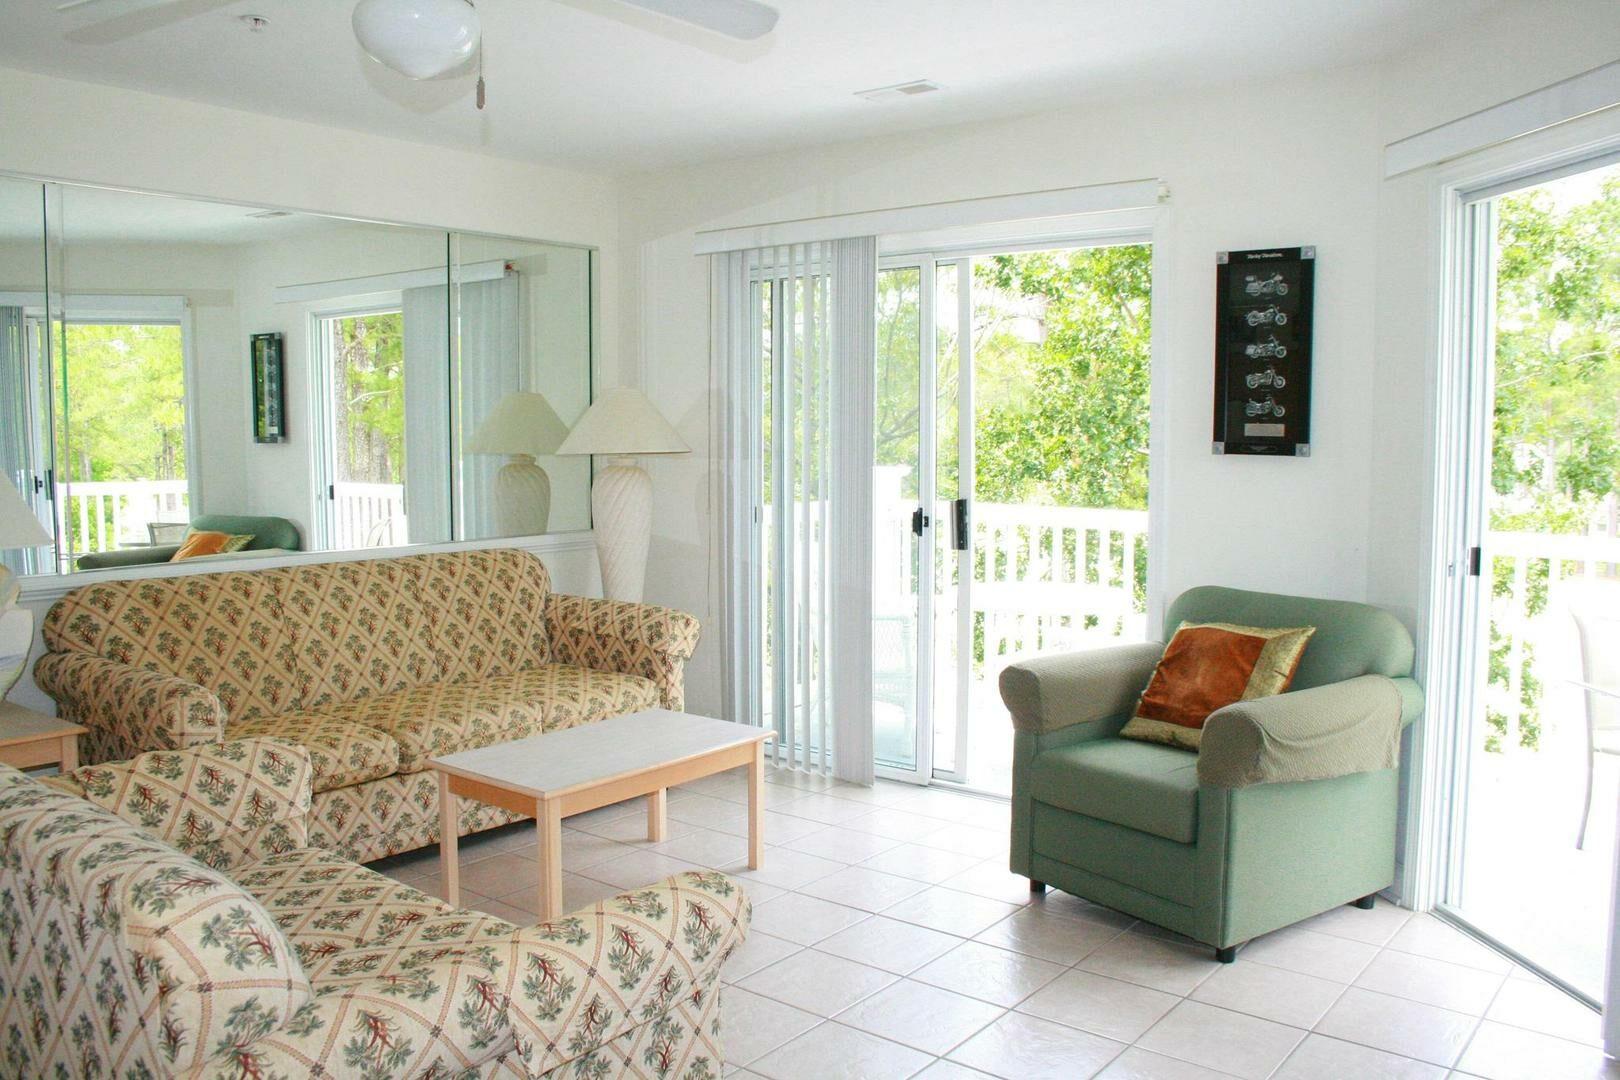 2109 2 Bedroom/2 Bath Villa